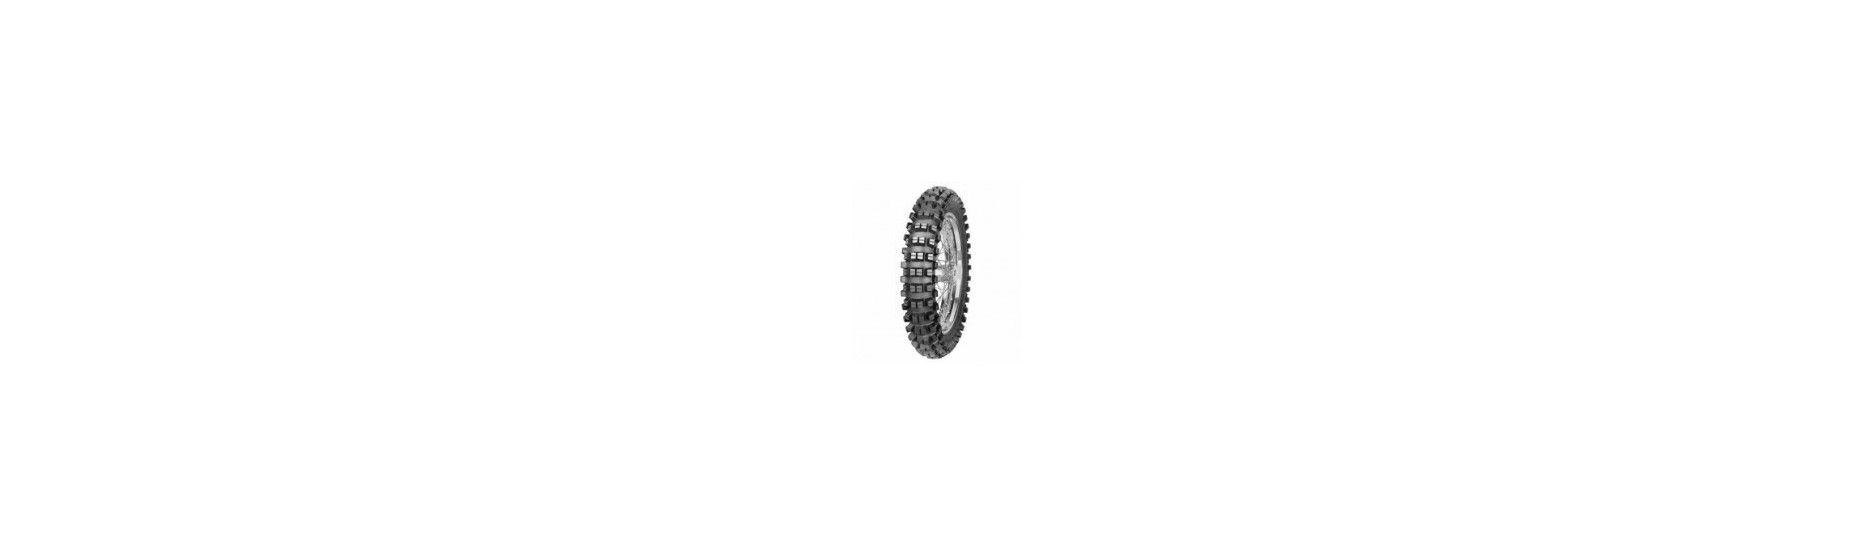 18-ti palcové pneumatiky